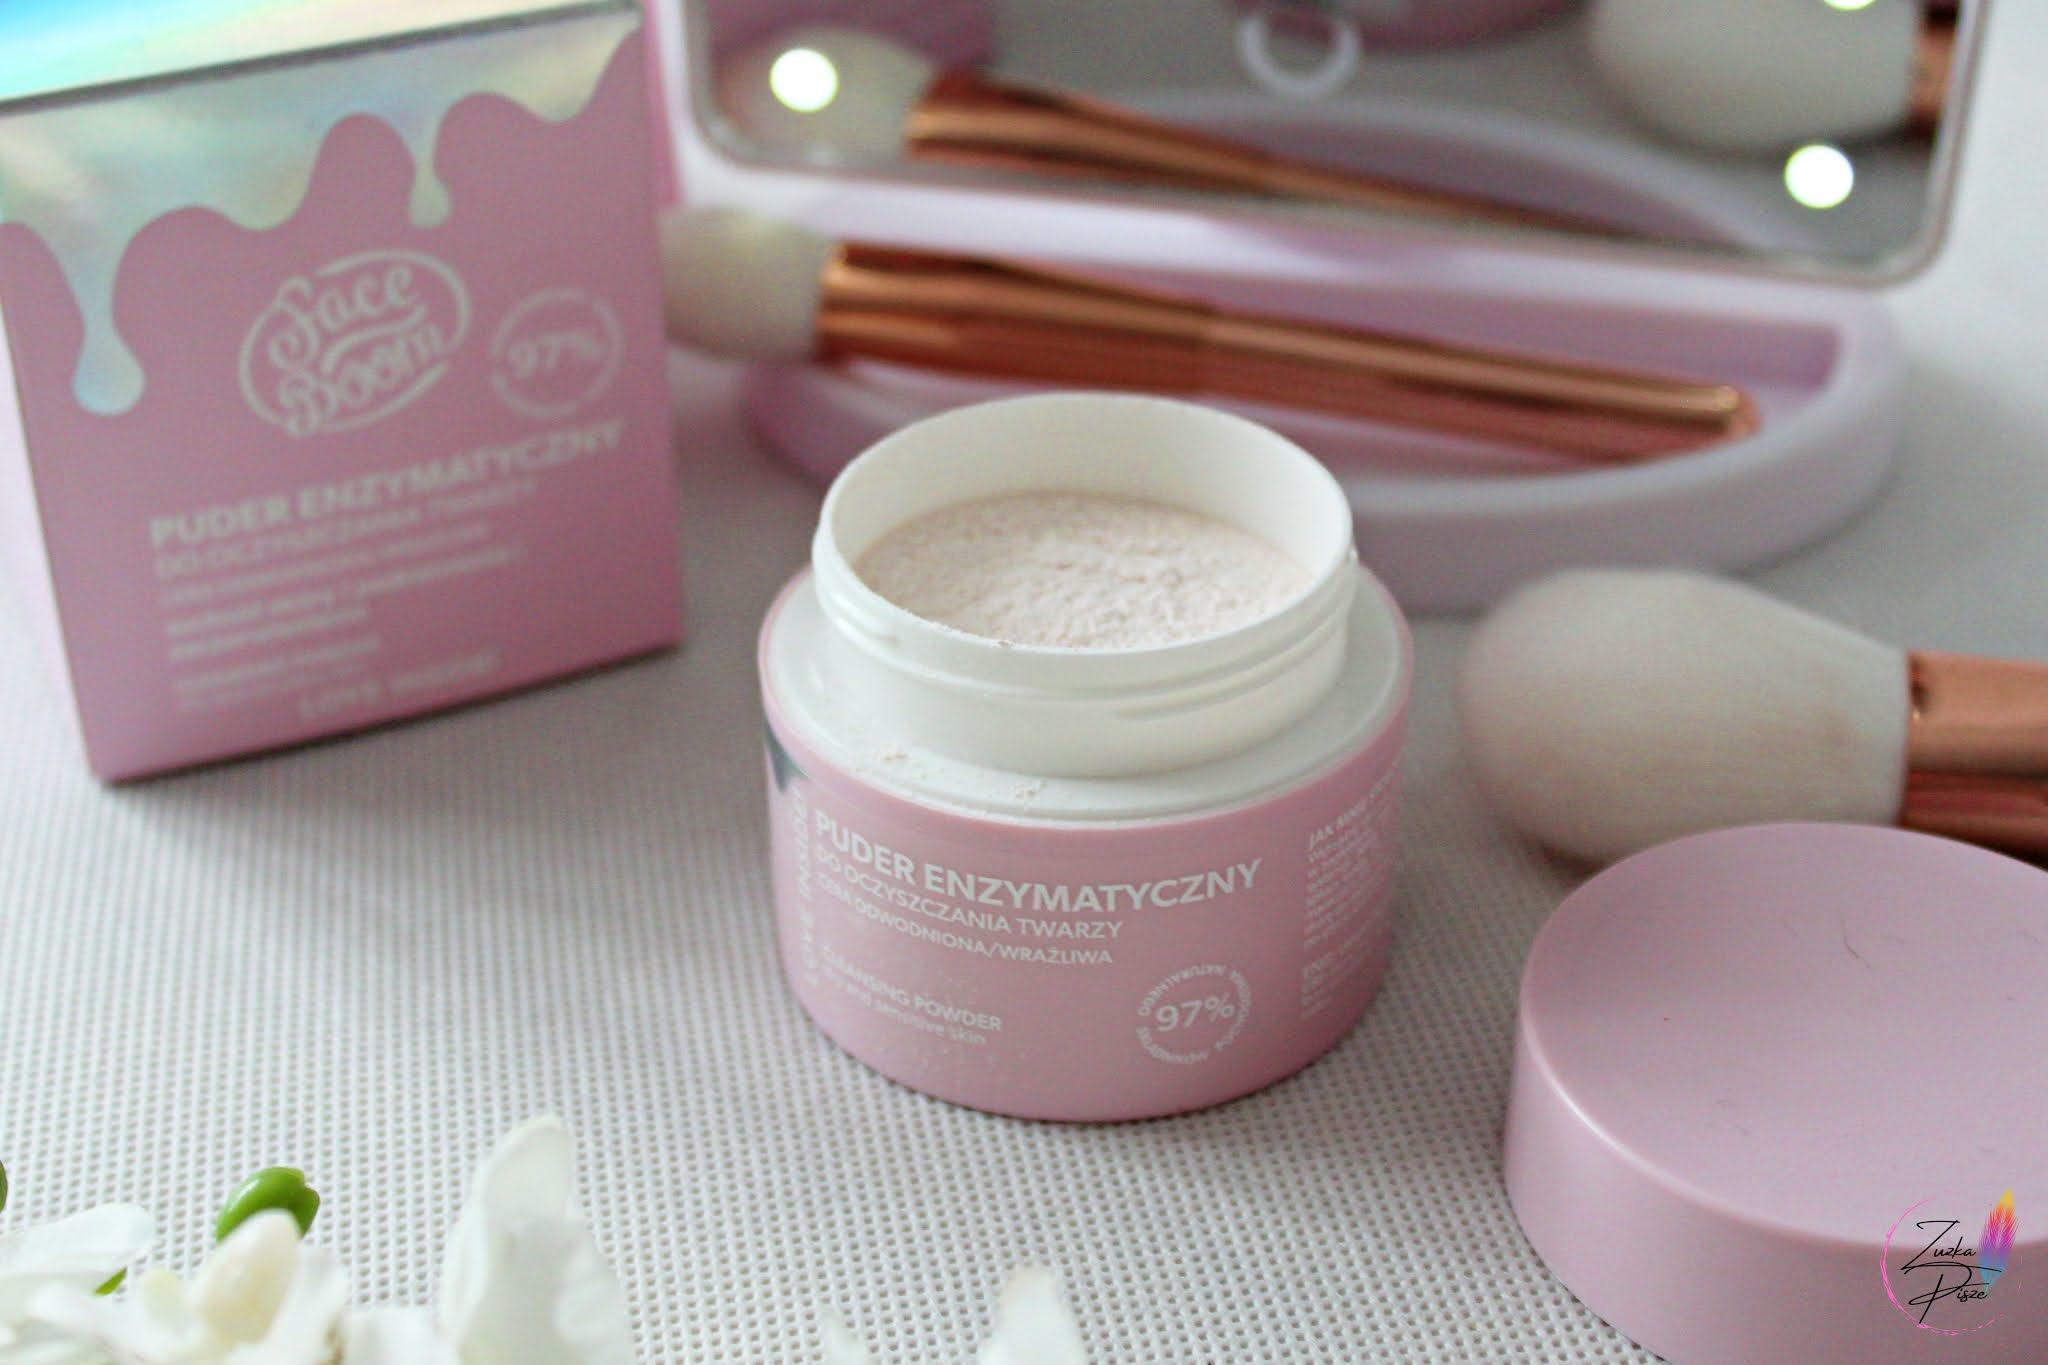 BodyBoom delikatny puder enzymatyczny do oczyszczania twarzy